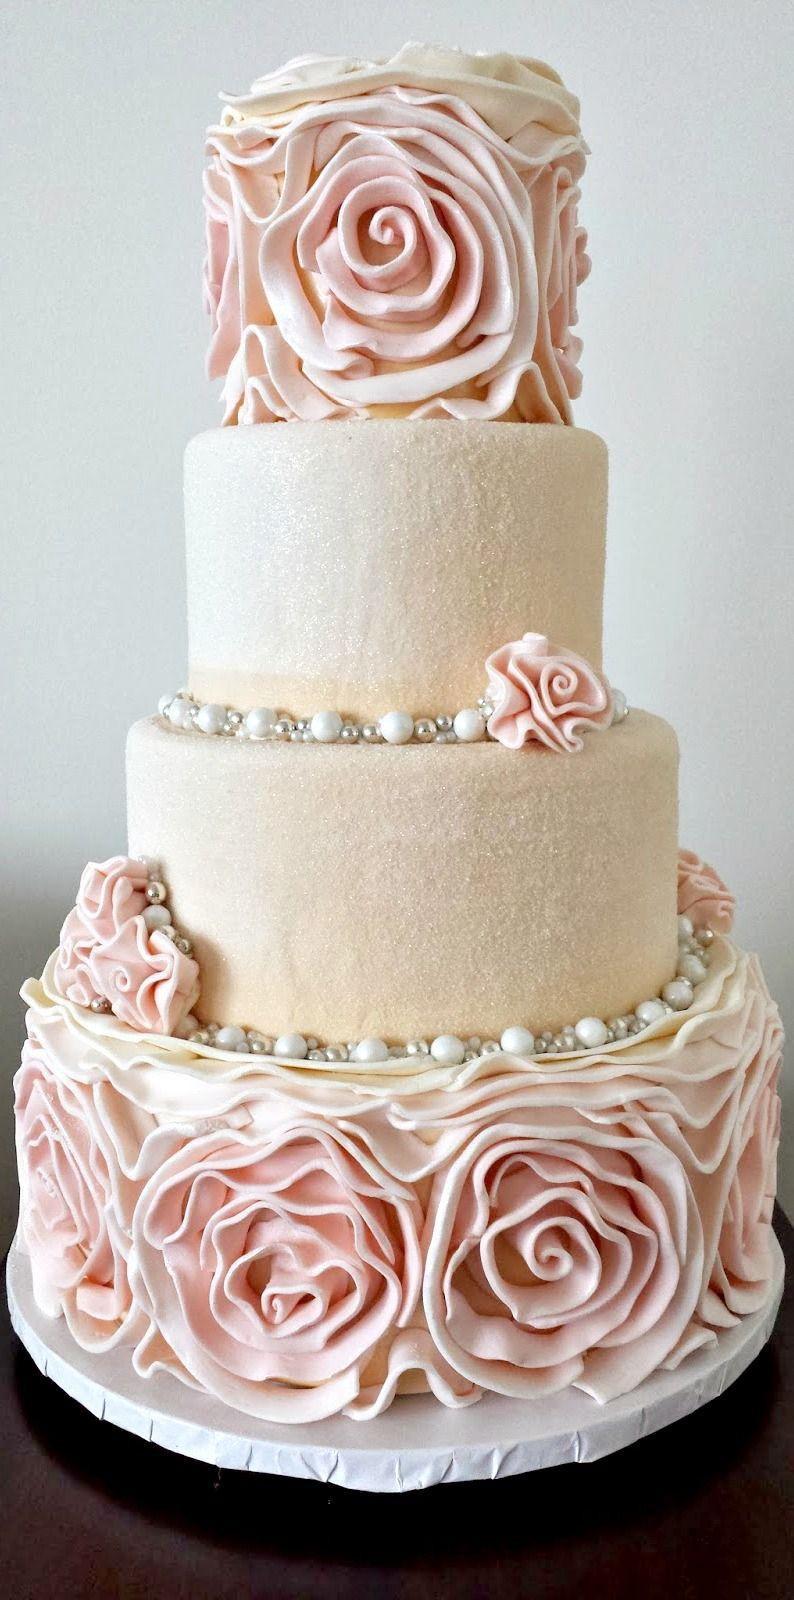 Wedding cake ruffle rose wedding cake pinterest wedding cake